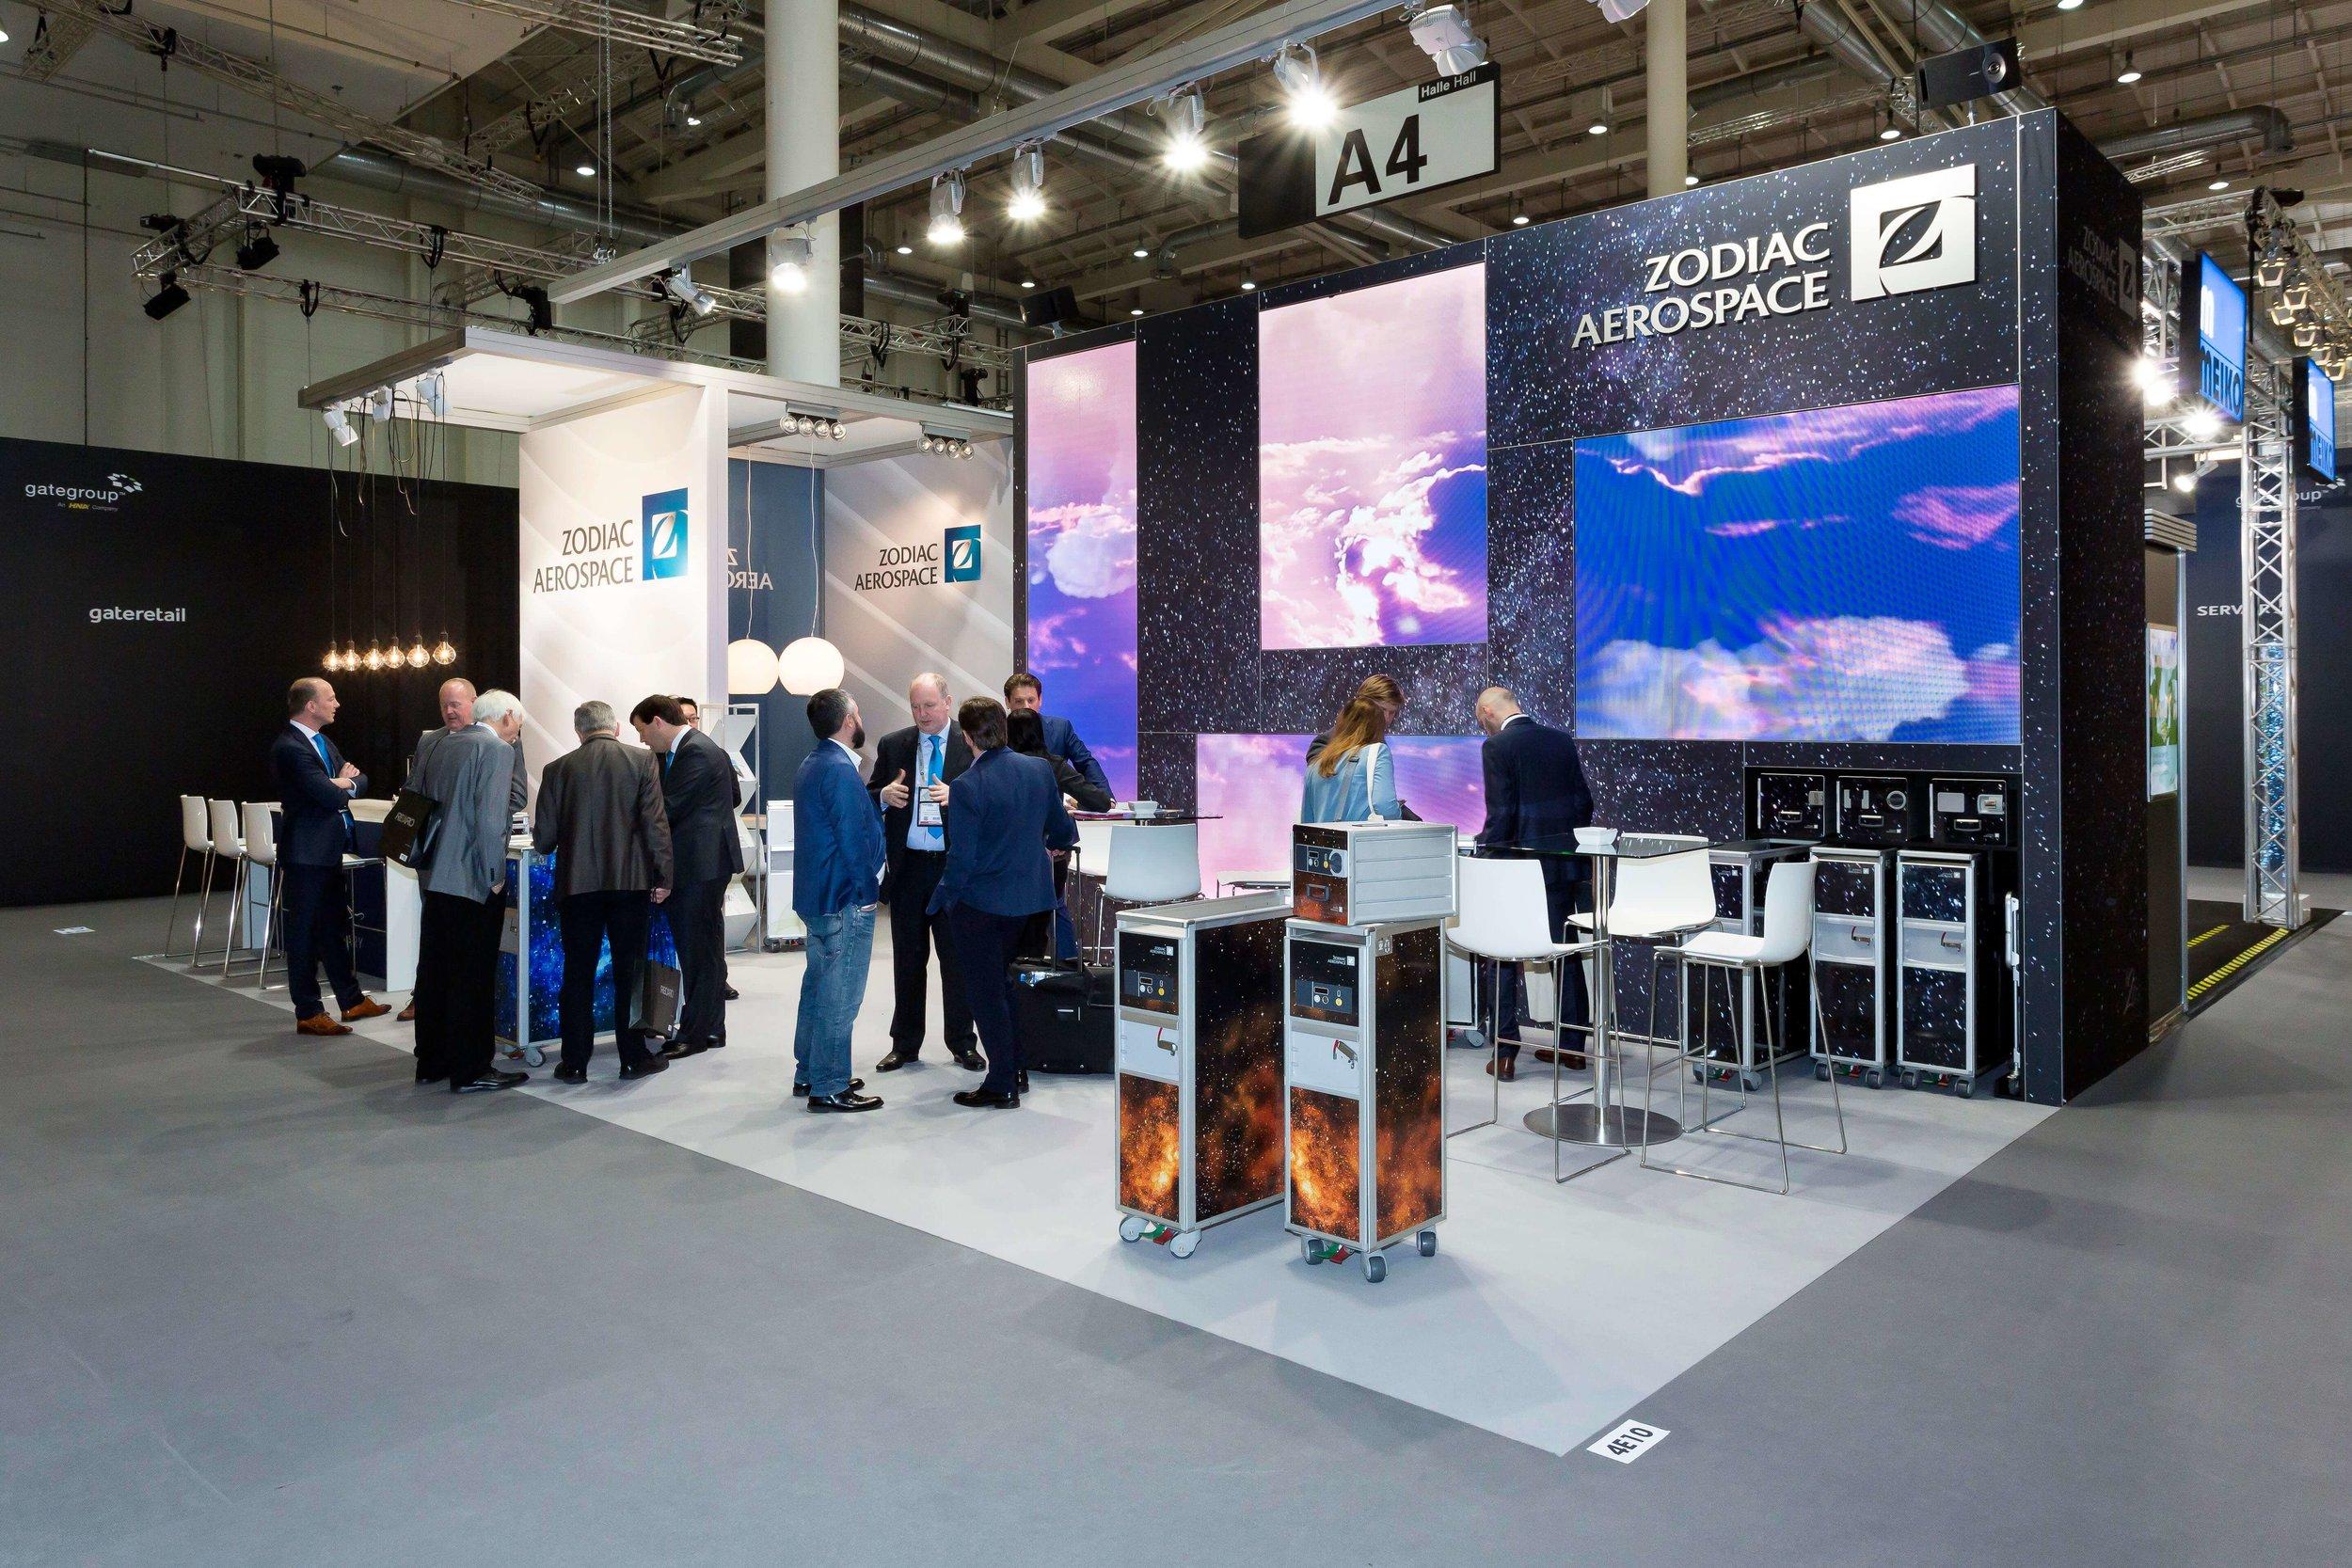 Zodiac AirCatering Equipment booth 4E10.3.jpg